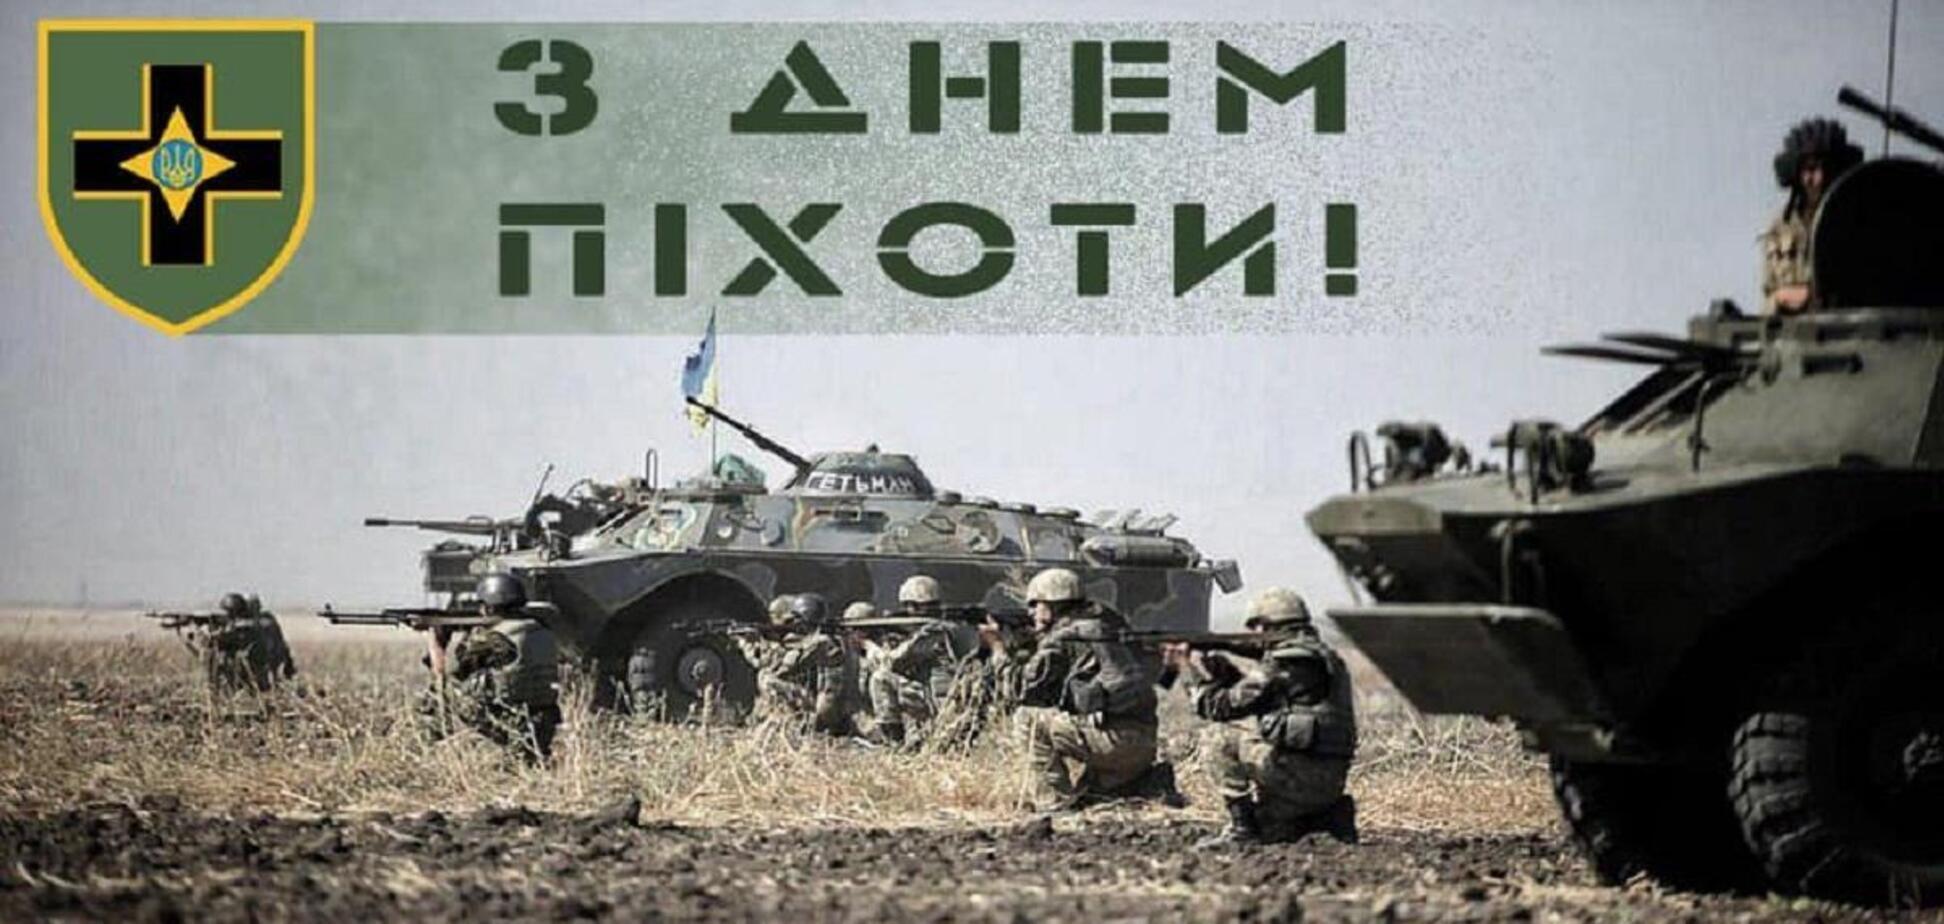 День піхоти в Україні відзначається з 2019 року